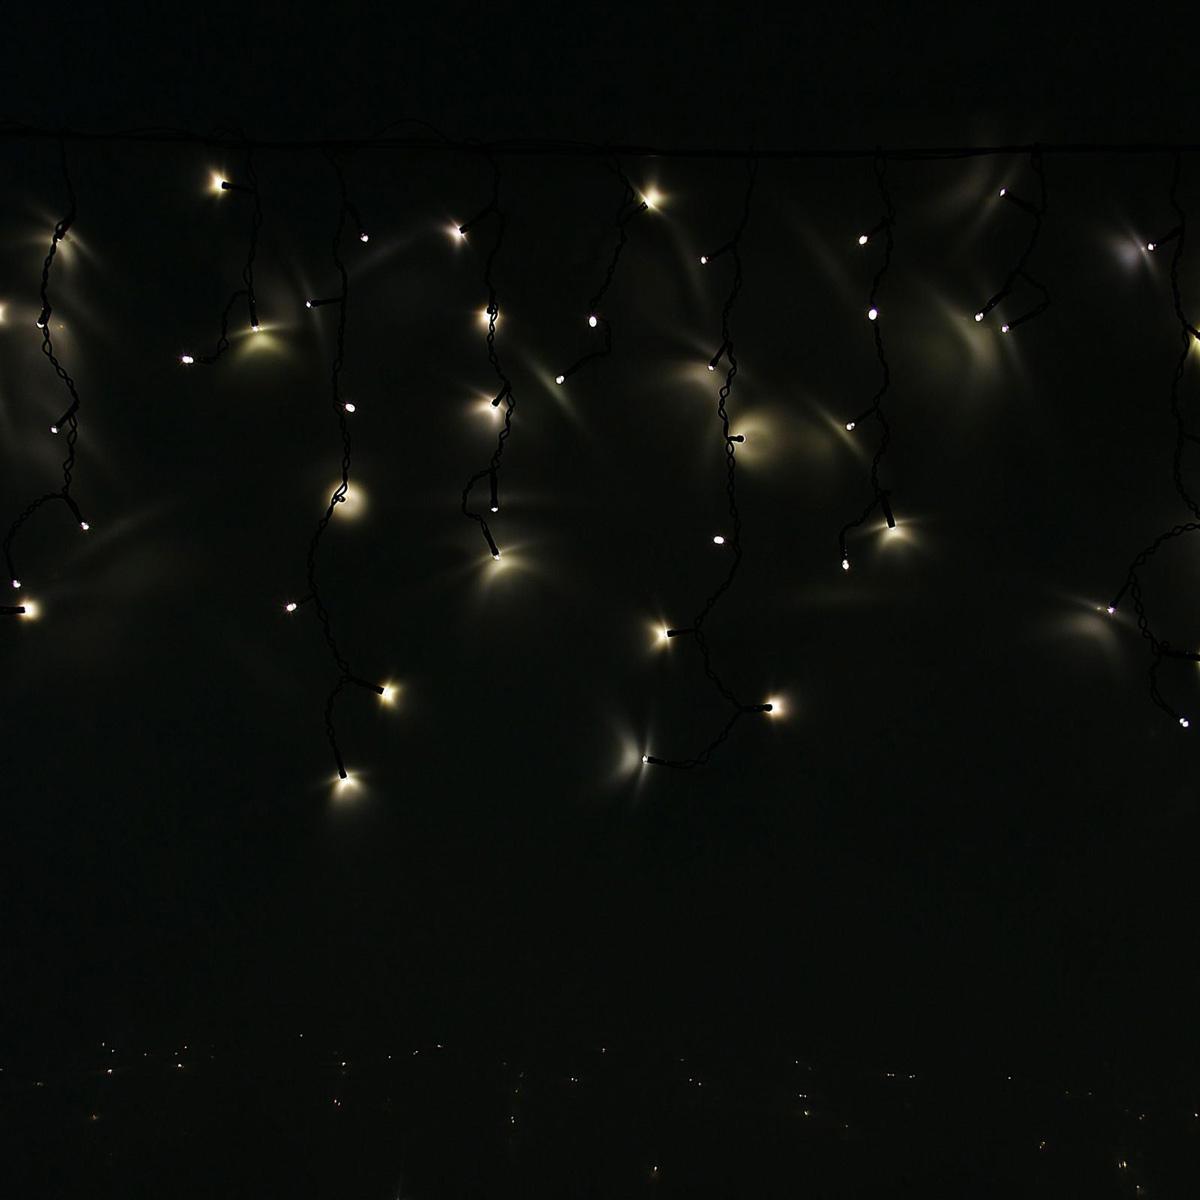 Гирлянда светодиодная Luazon Бахрома, уличная, 8 режимов, 120 ламп, 220 V, цвет: теплый белый, 2 х 0,6 м. 10801481080148Светодиодные гирлянды, ленты и т.д — это отличный вариант для новогоднего оформления интерьера или фасада. С их помощью помещение любого размера можно превратить в праздничный зал, а внешние элементы зданий, украшенные ими, мгновенно станут напоминать очертания сказочного дворца. Такие украшения создают ауру предвкушения чуда. Деревья, фасады, витрины, окна и арки будто специально созданы, чтобы вы украсили их светящимися нитями.